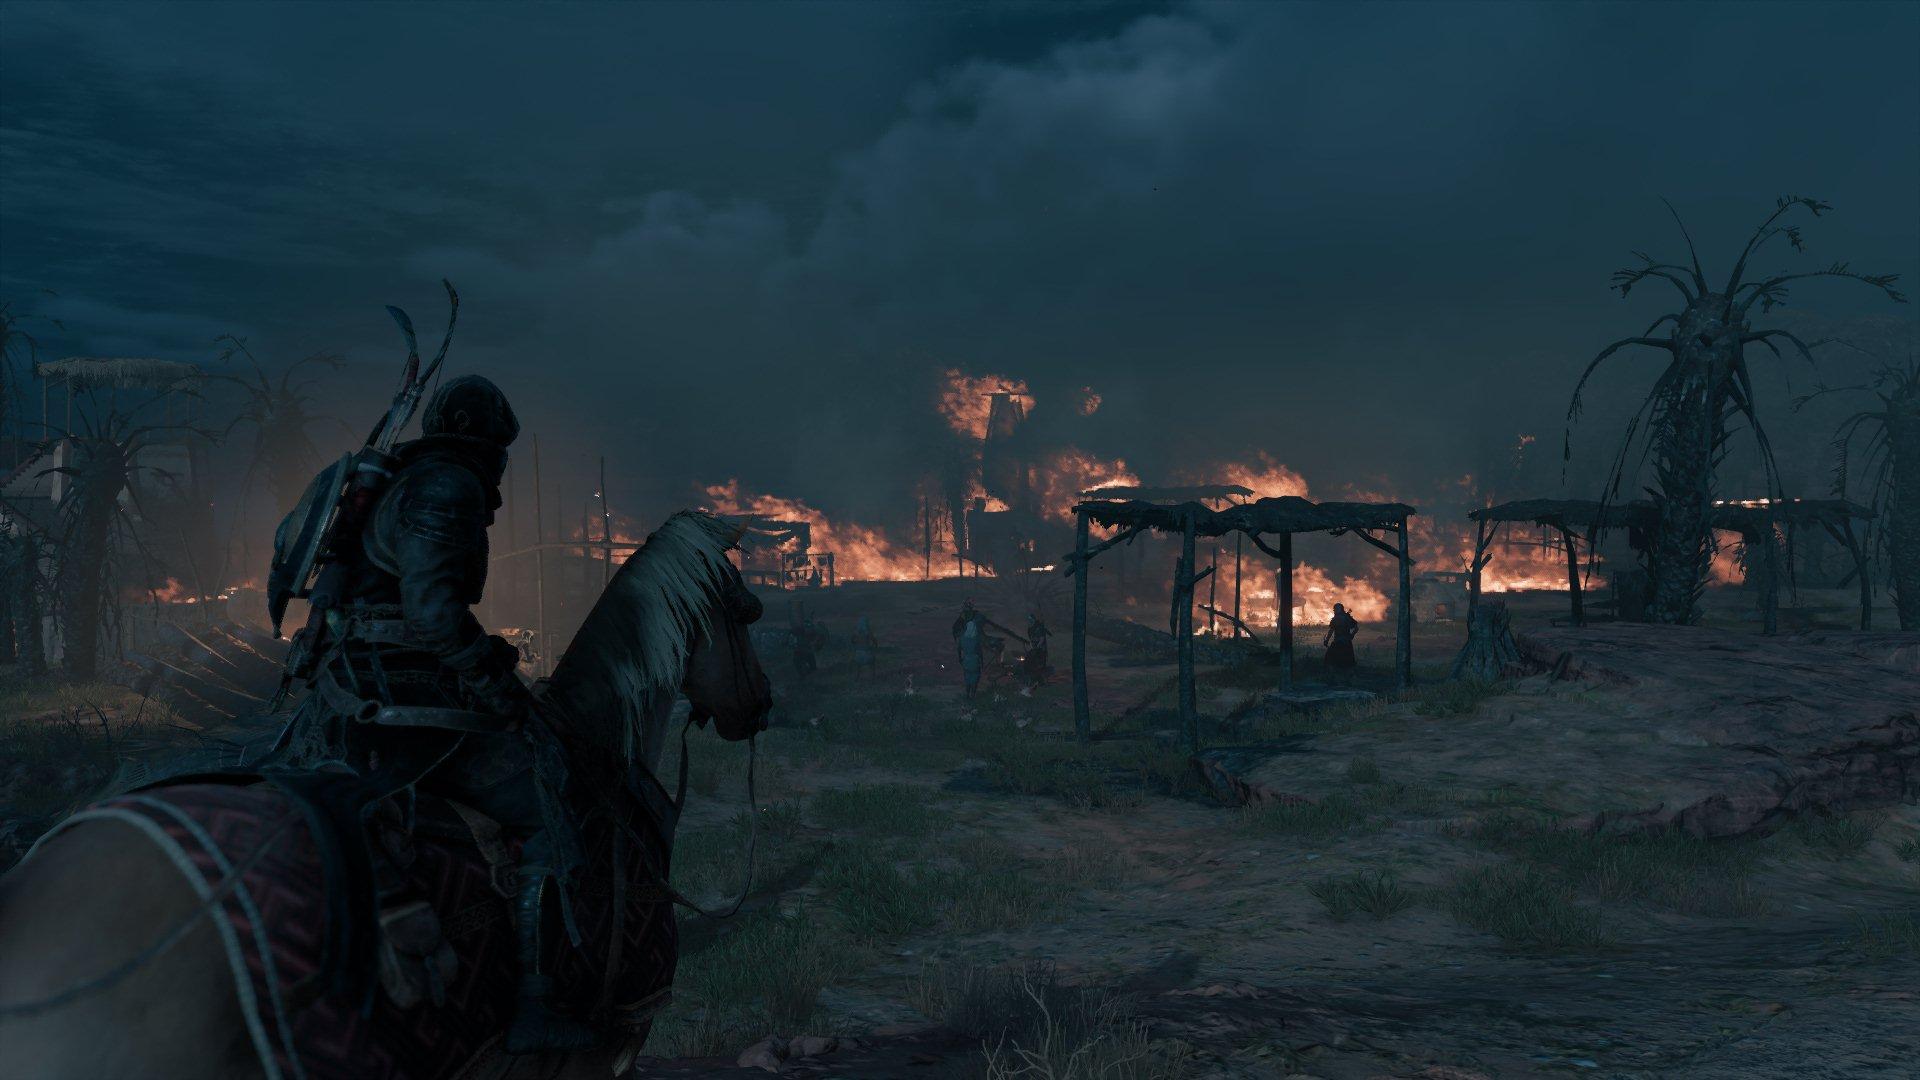 20180221181245.jpg - Assassin's Creed: Origins